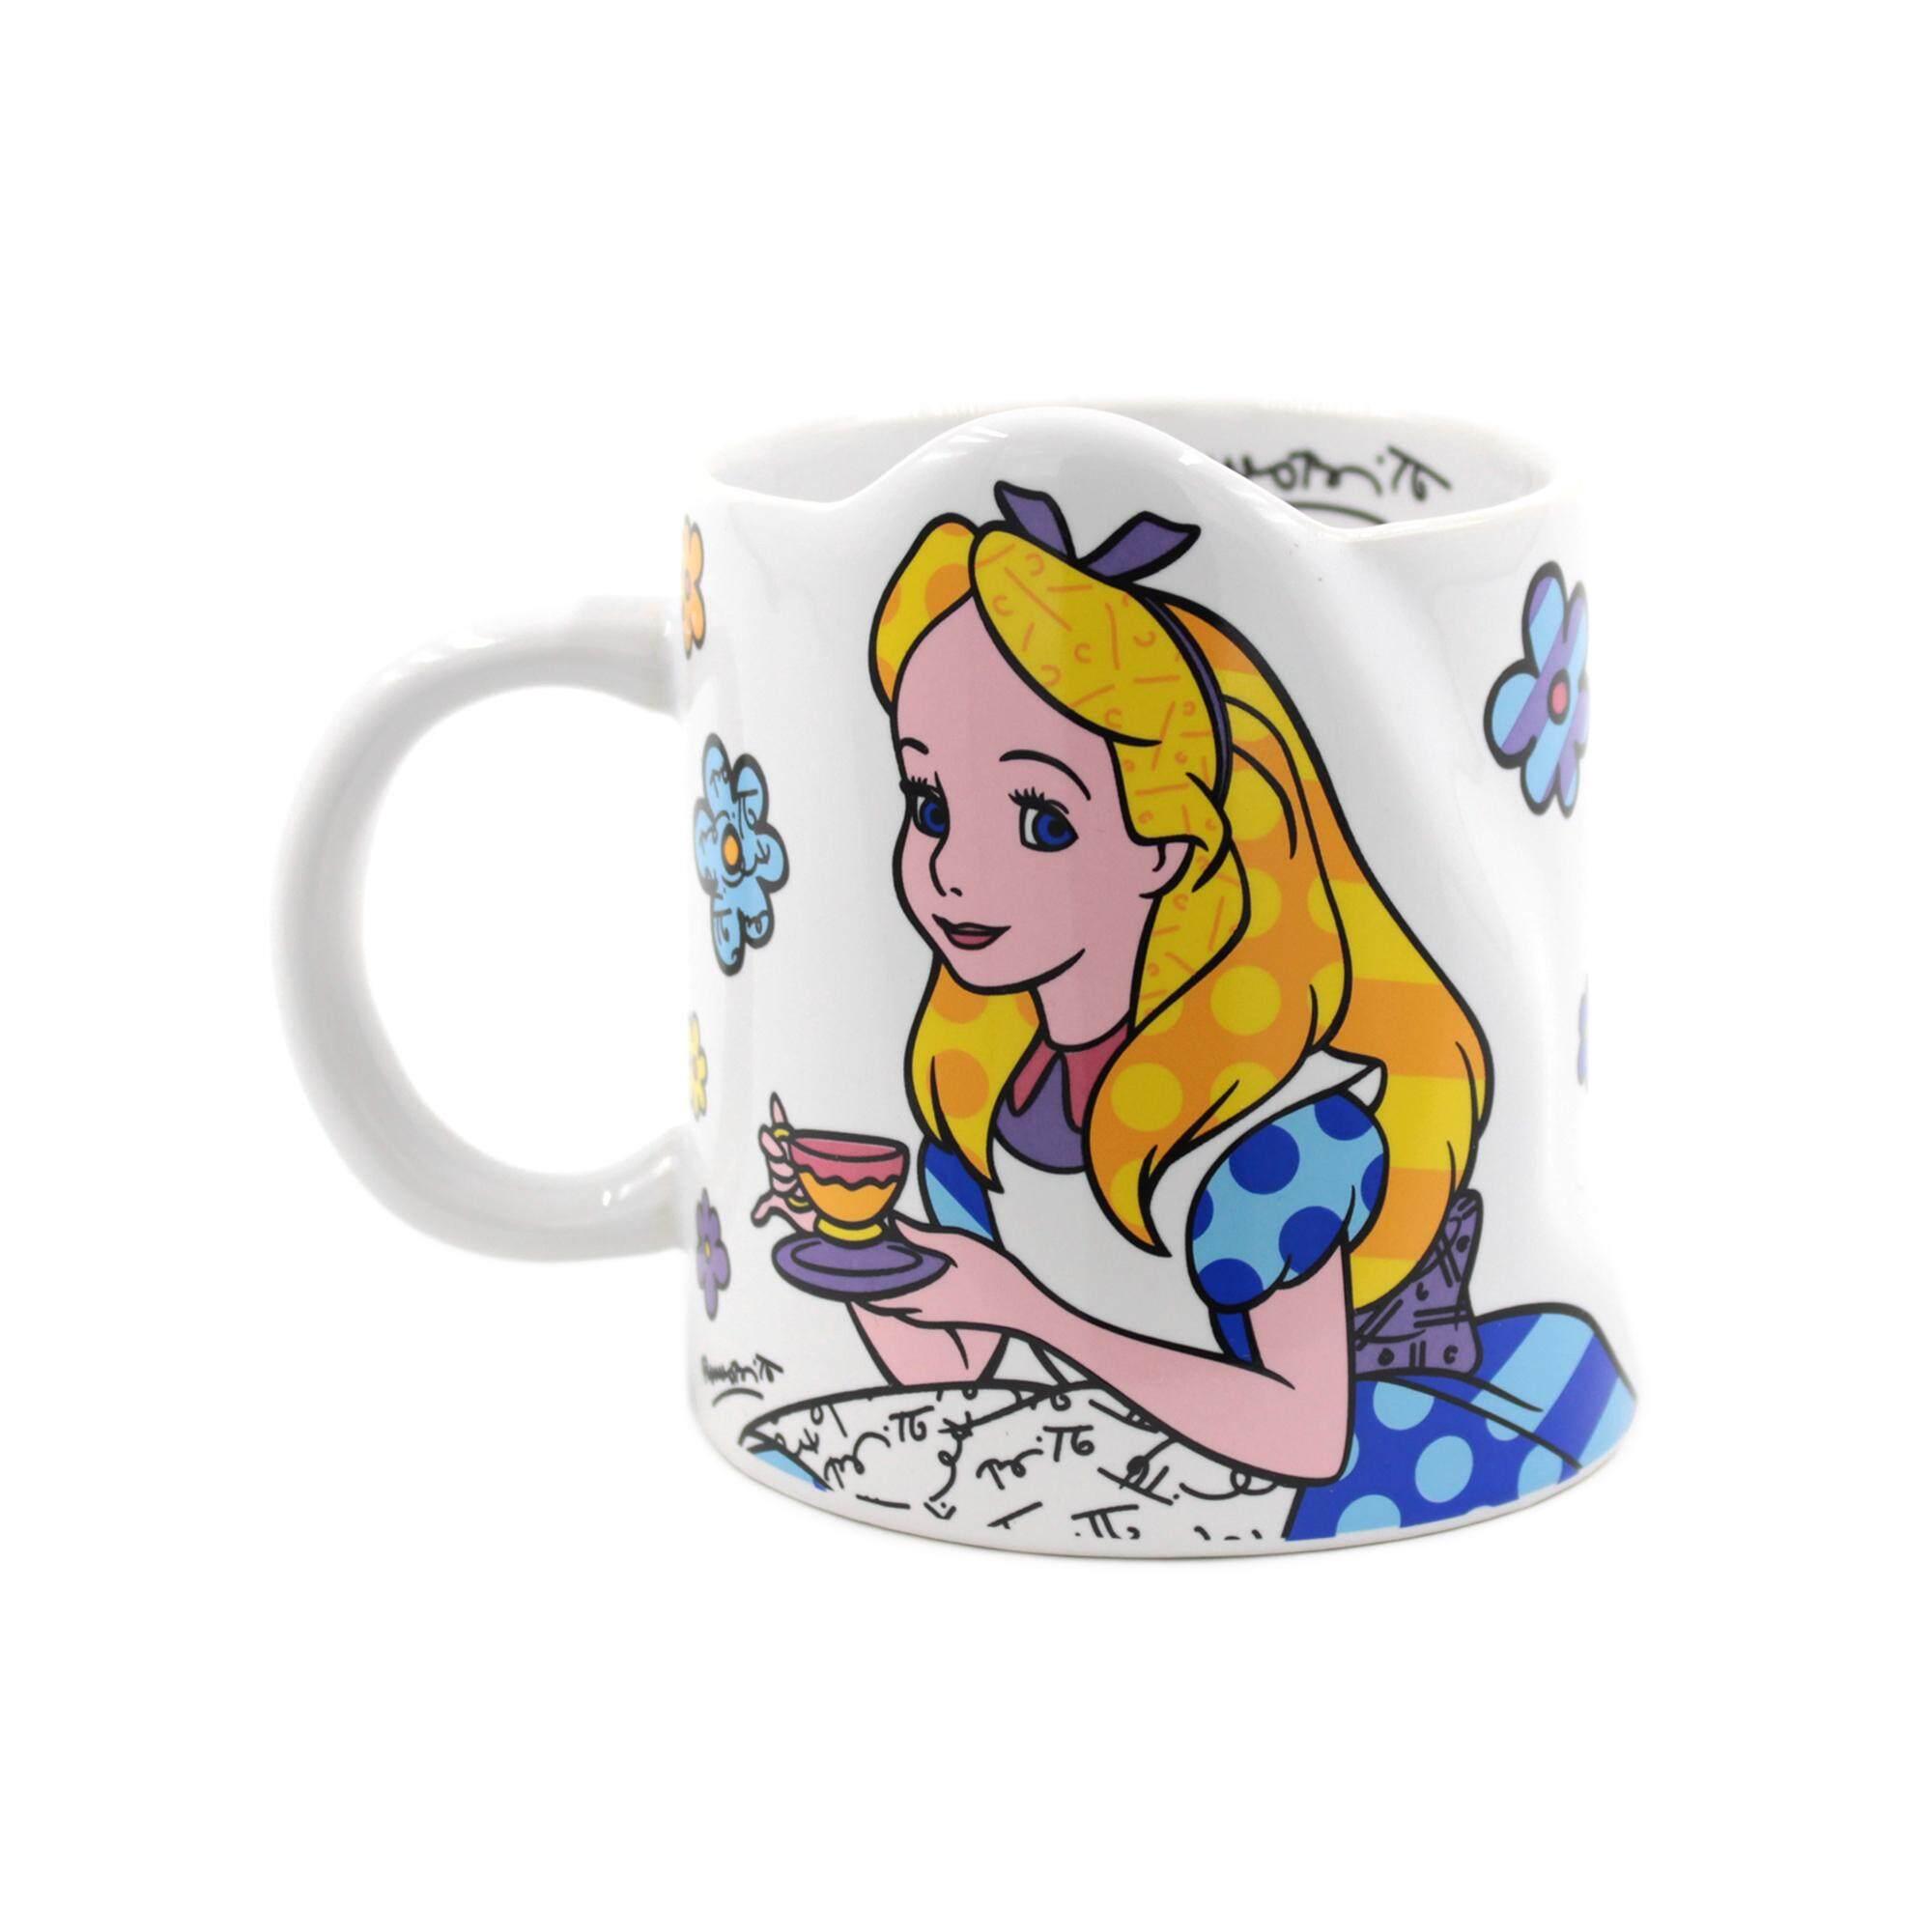 Enesco Disney Traditions Alice in Wonderland Collection - Britto Alice Mug